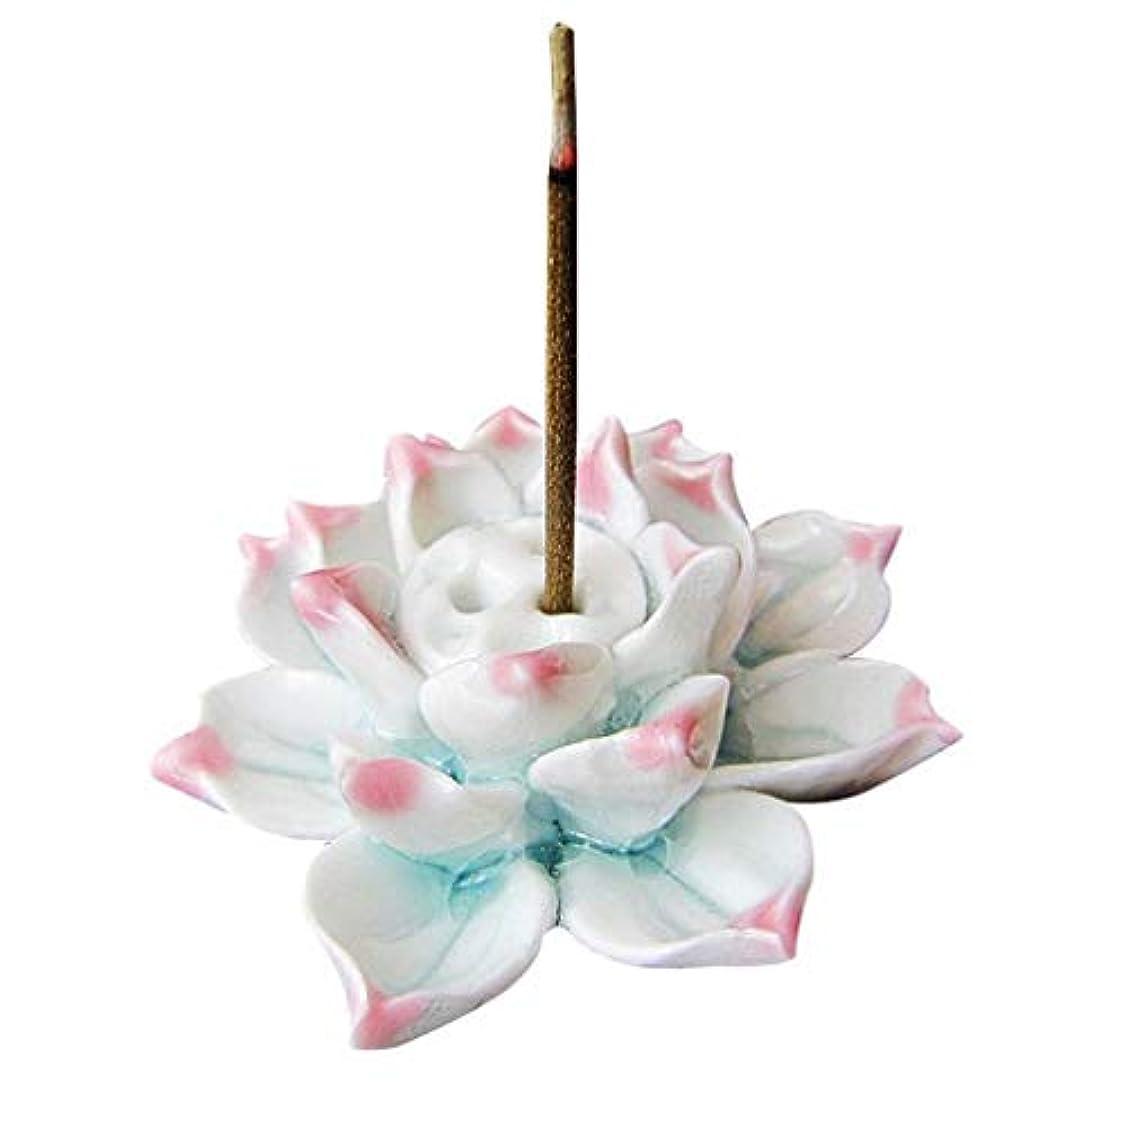 病なチャーミング発生手作りお香バーナーロータス磁器お香スティックホルダー灰キャッチャートレイプレートホーム仏教寺院の装飾香ホルダー (Color : Pink, サイズ : 2.36*1.37inches)